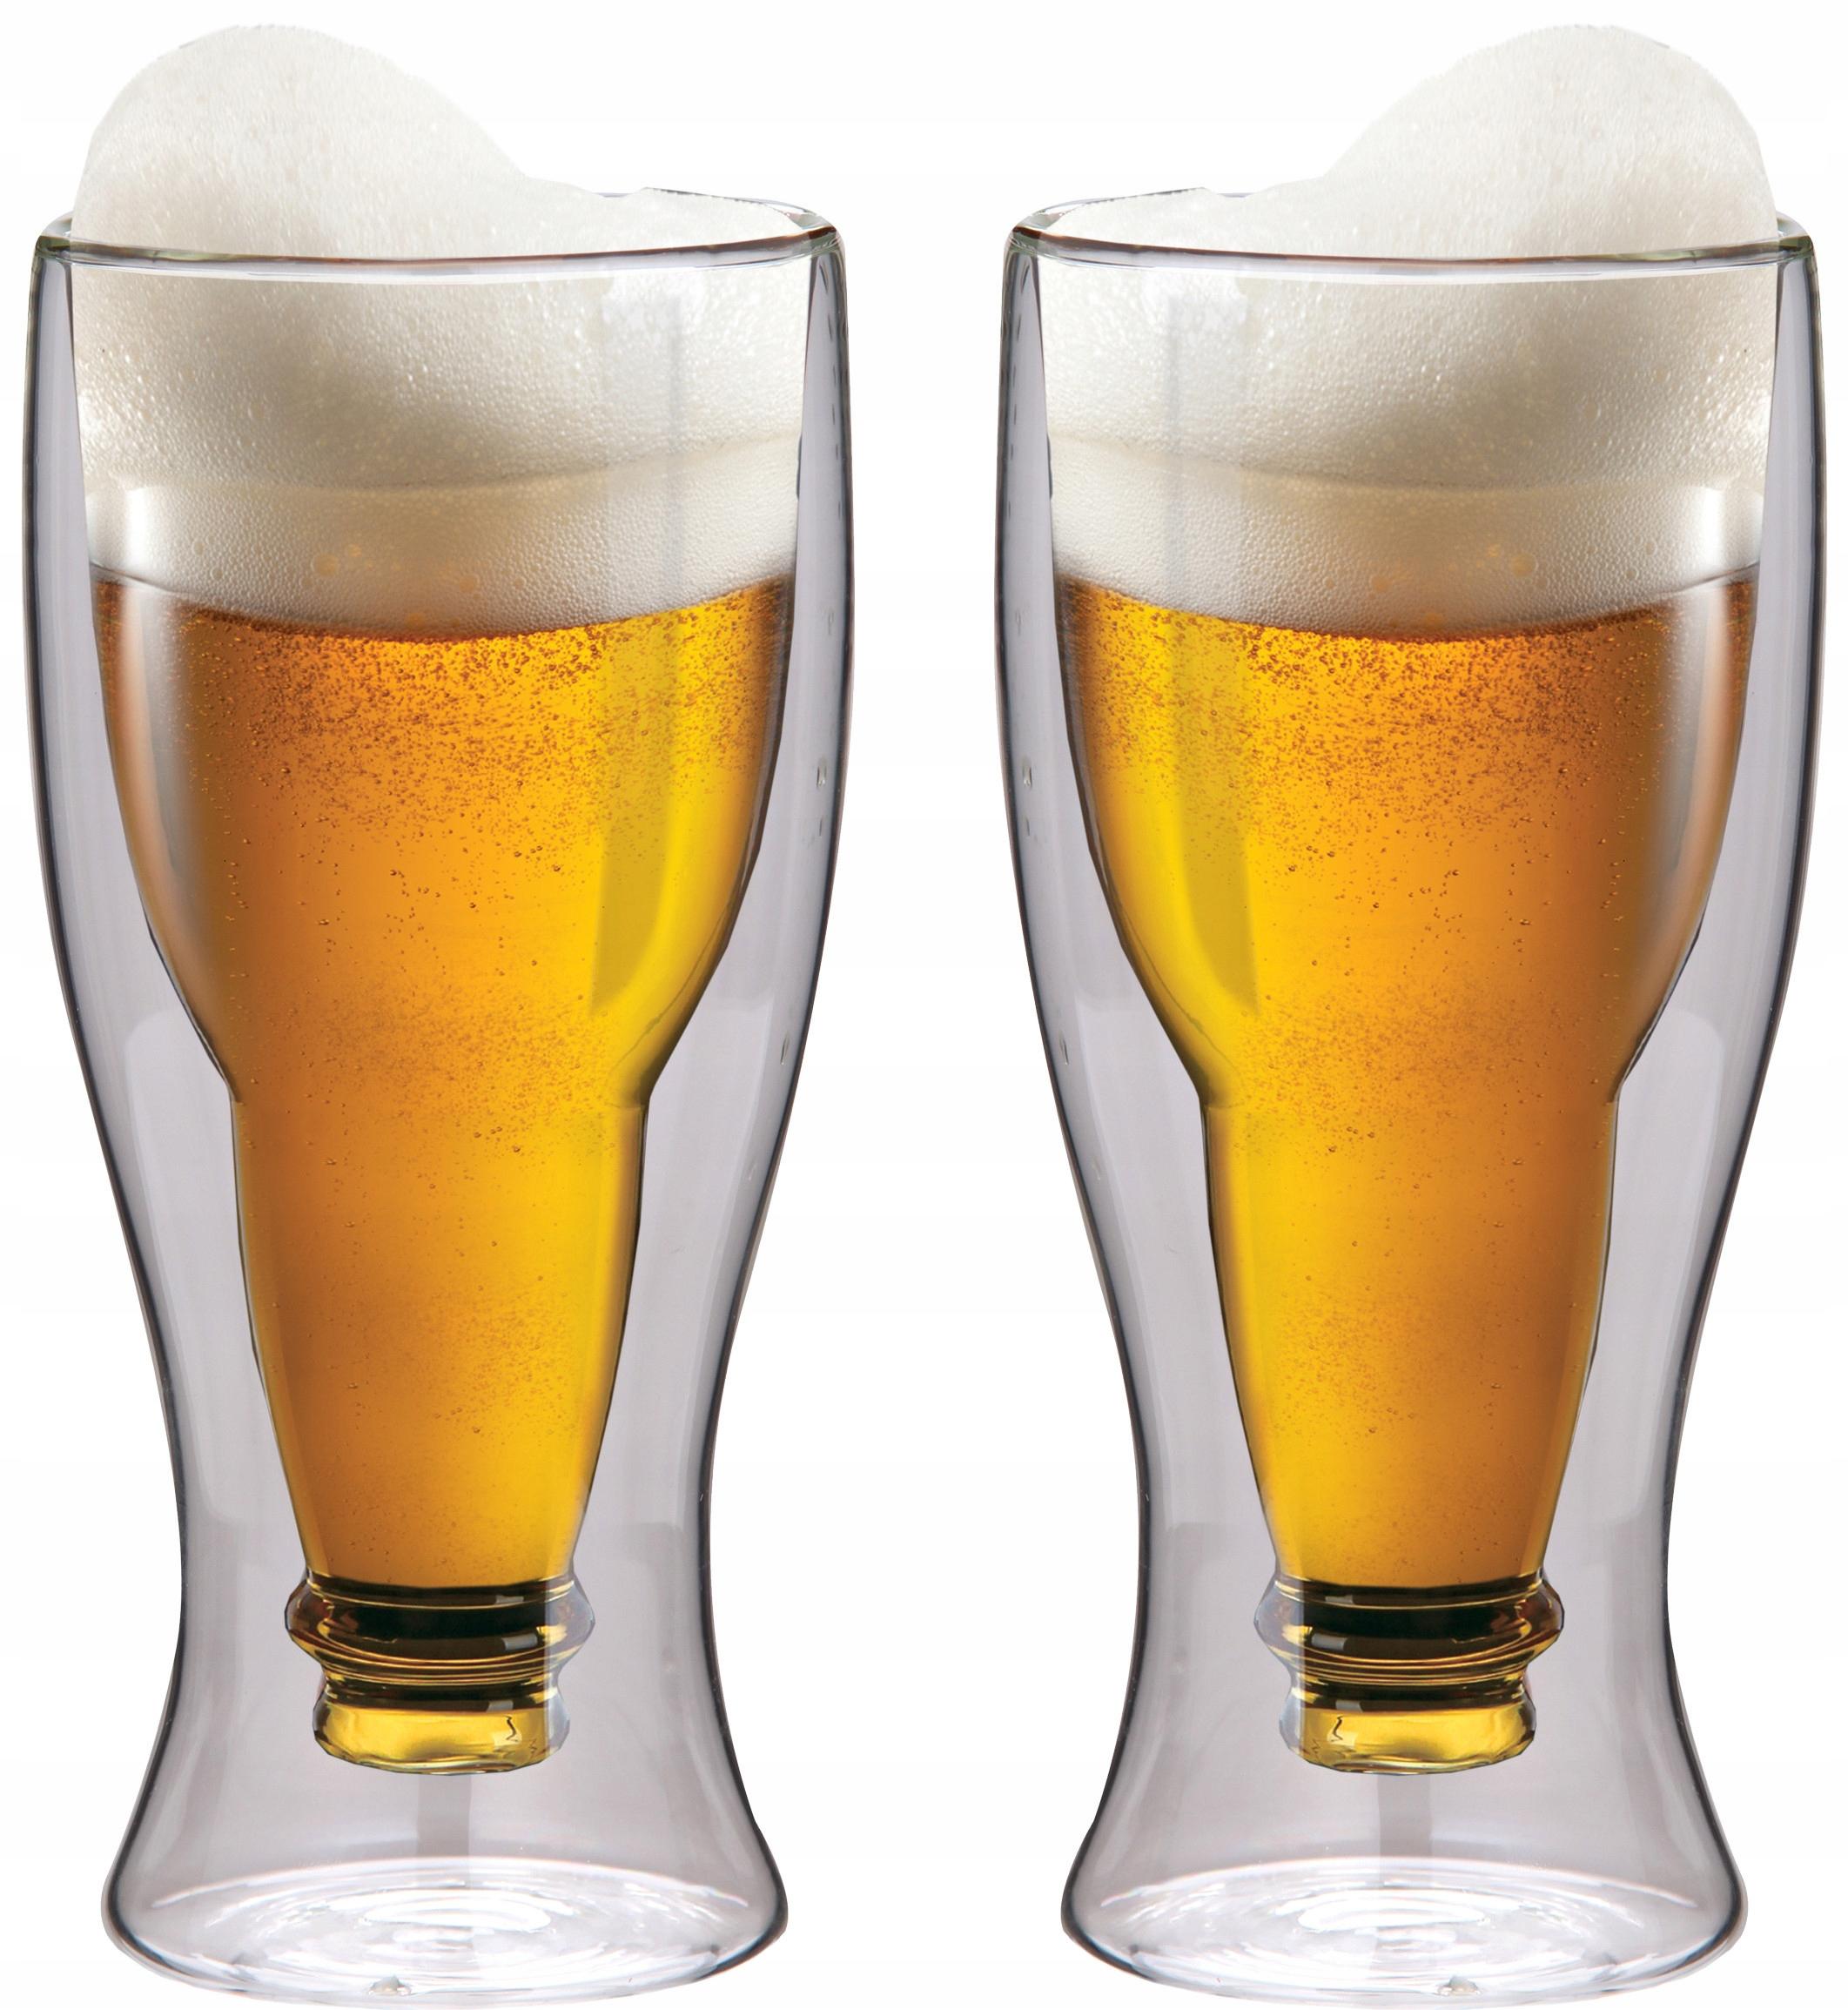 Okuliare termálnych kľúčov na pivo - pivo 350ml 2ks